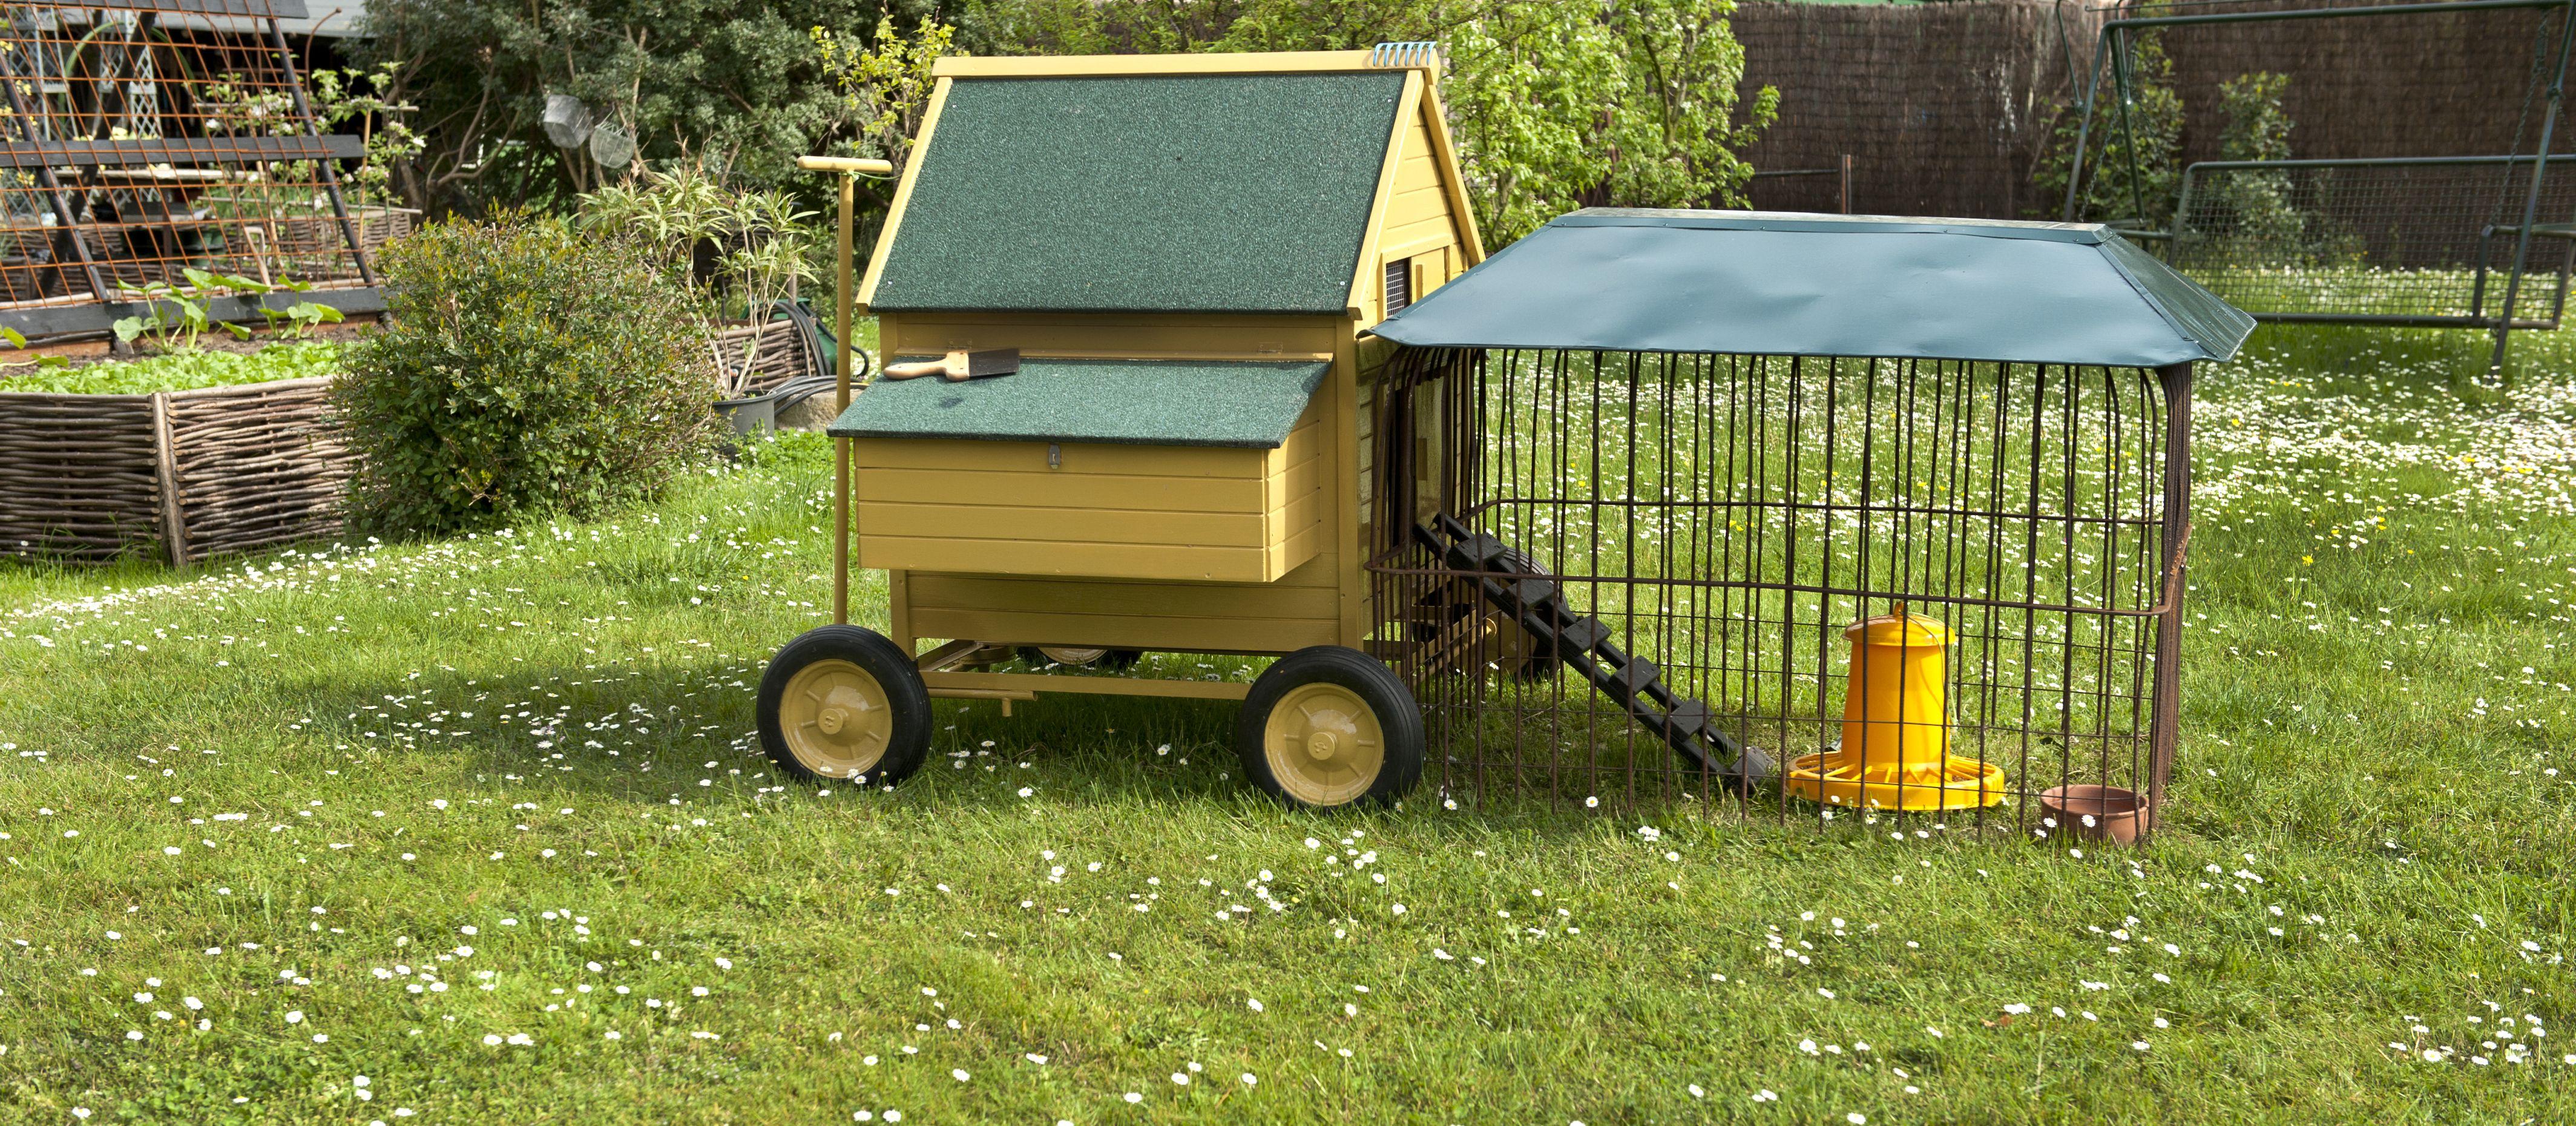 Kitchen Garden Hens Hen House With Patio Guidofrilli Garden My Kitchen Garden In